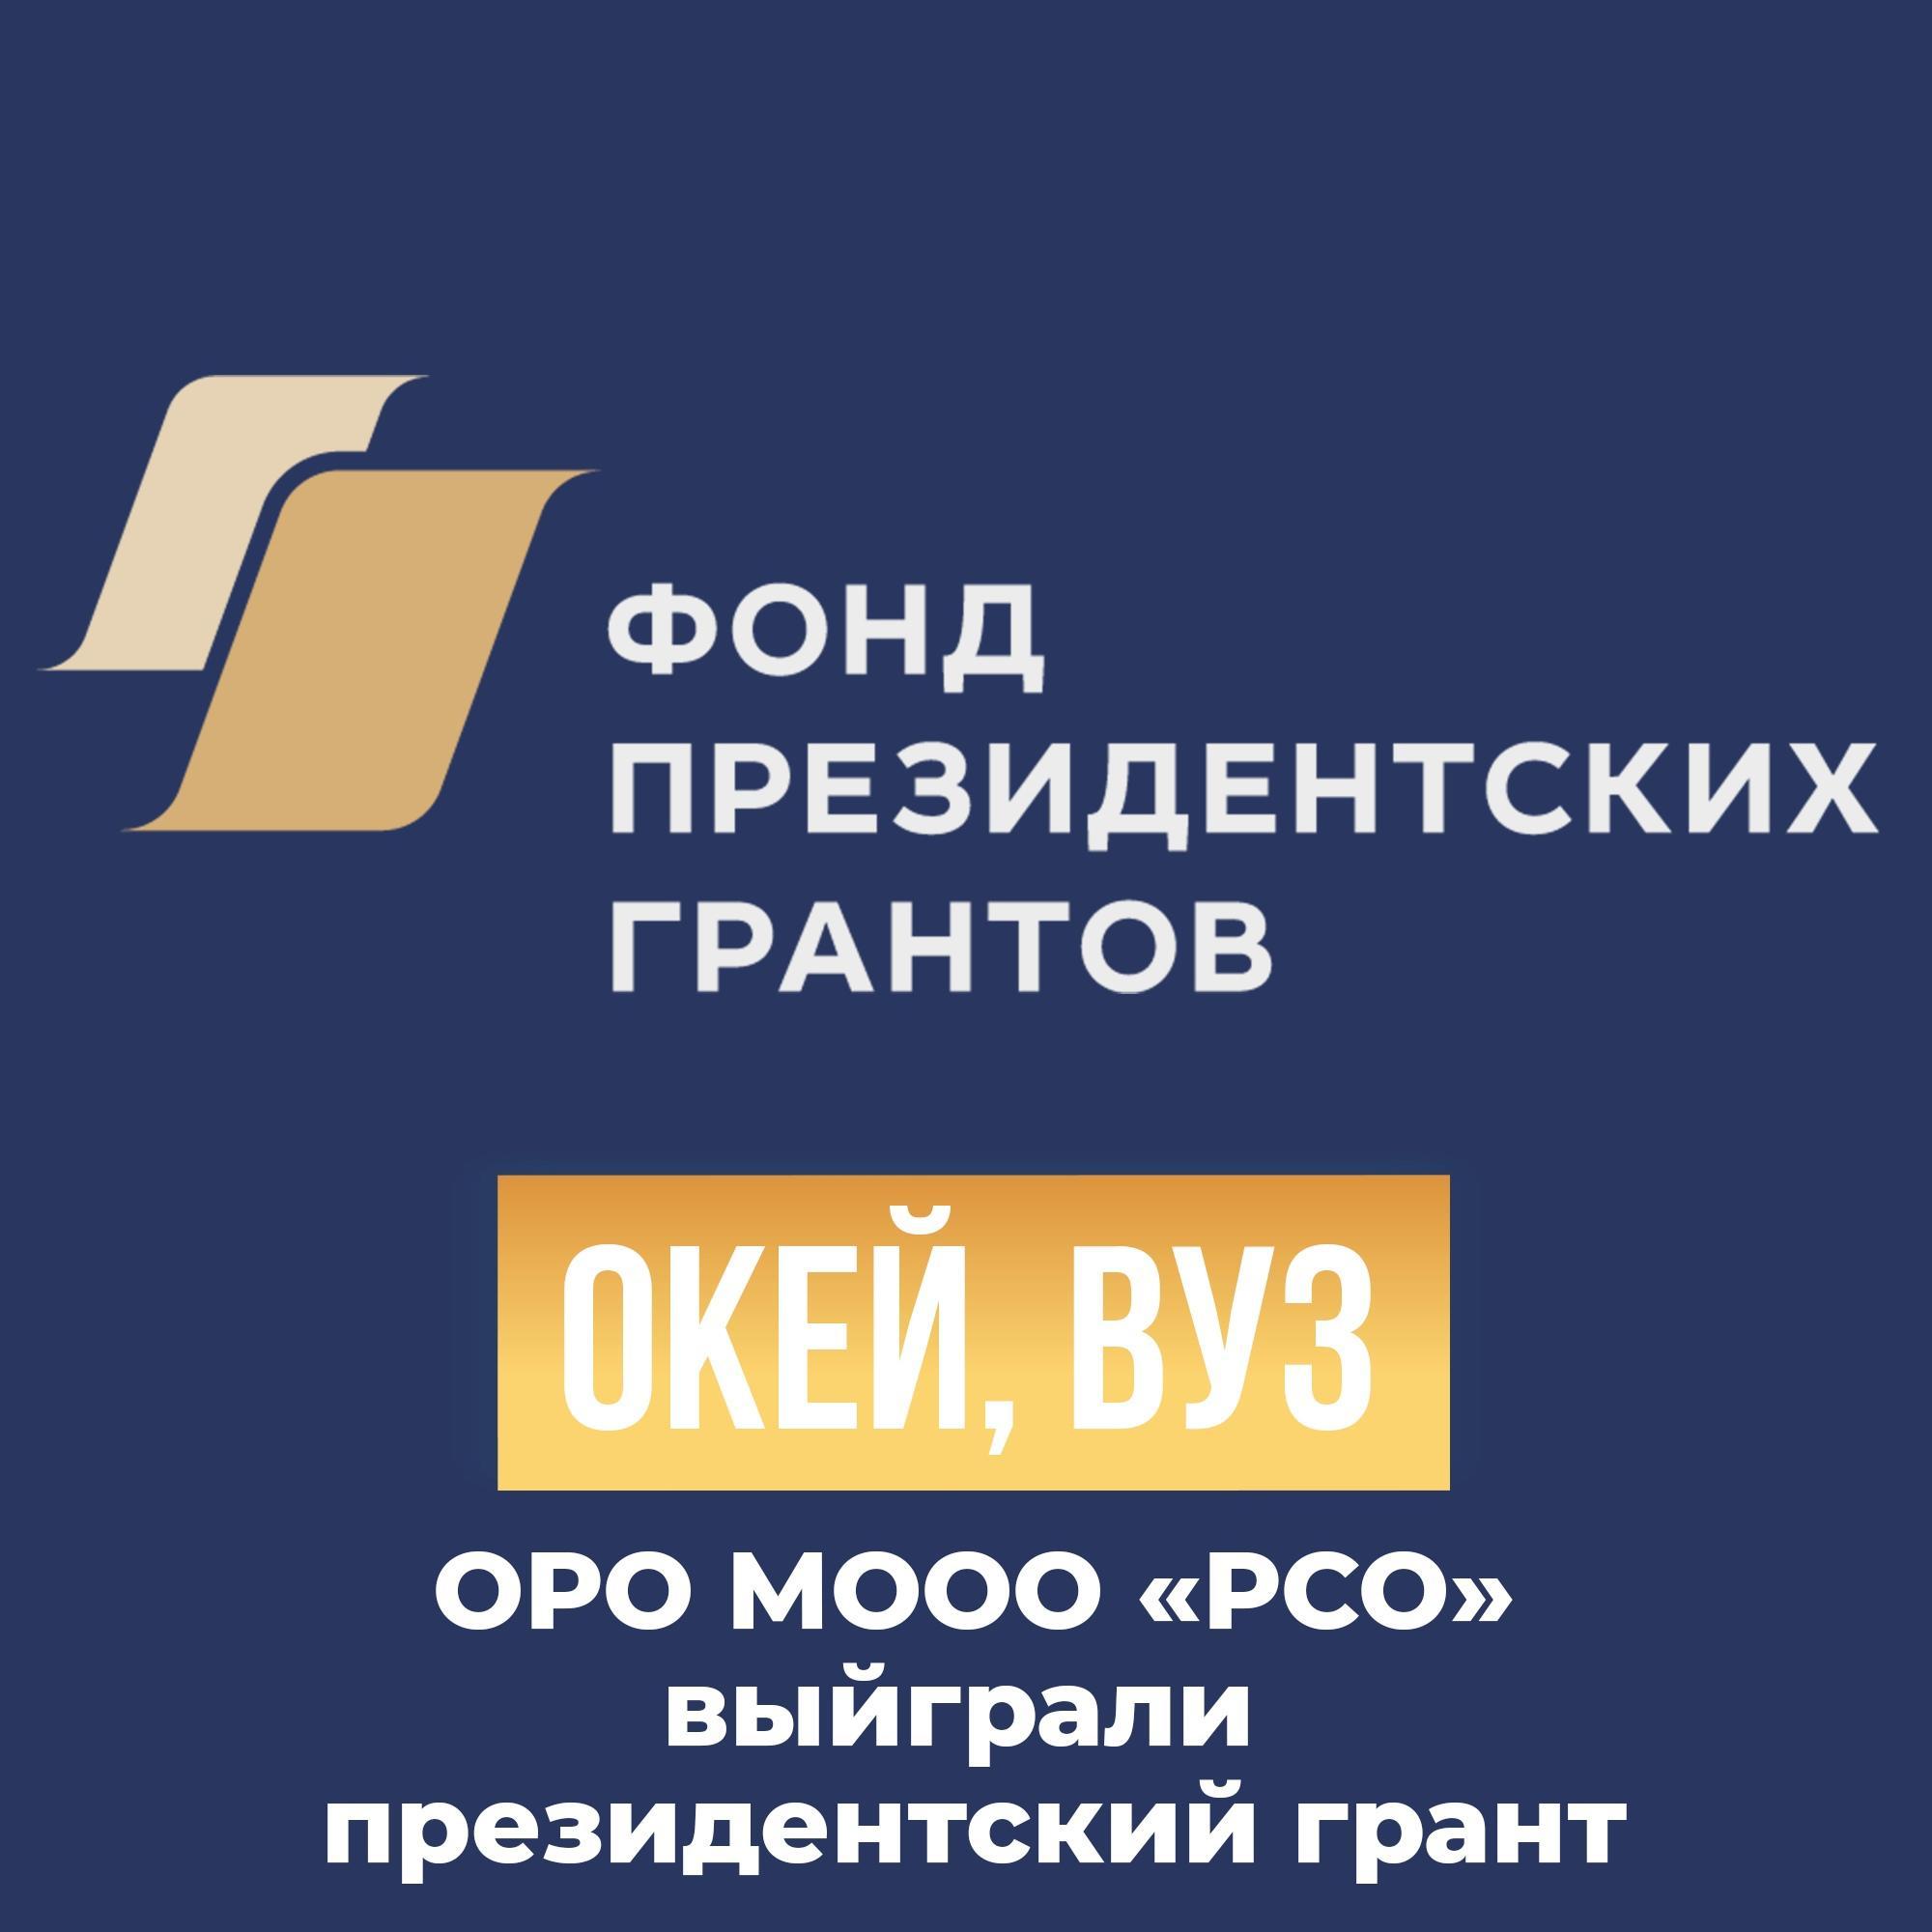 ОРО МООО «РСО» выйграло президентский грант